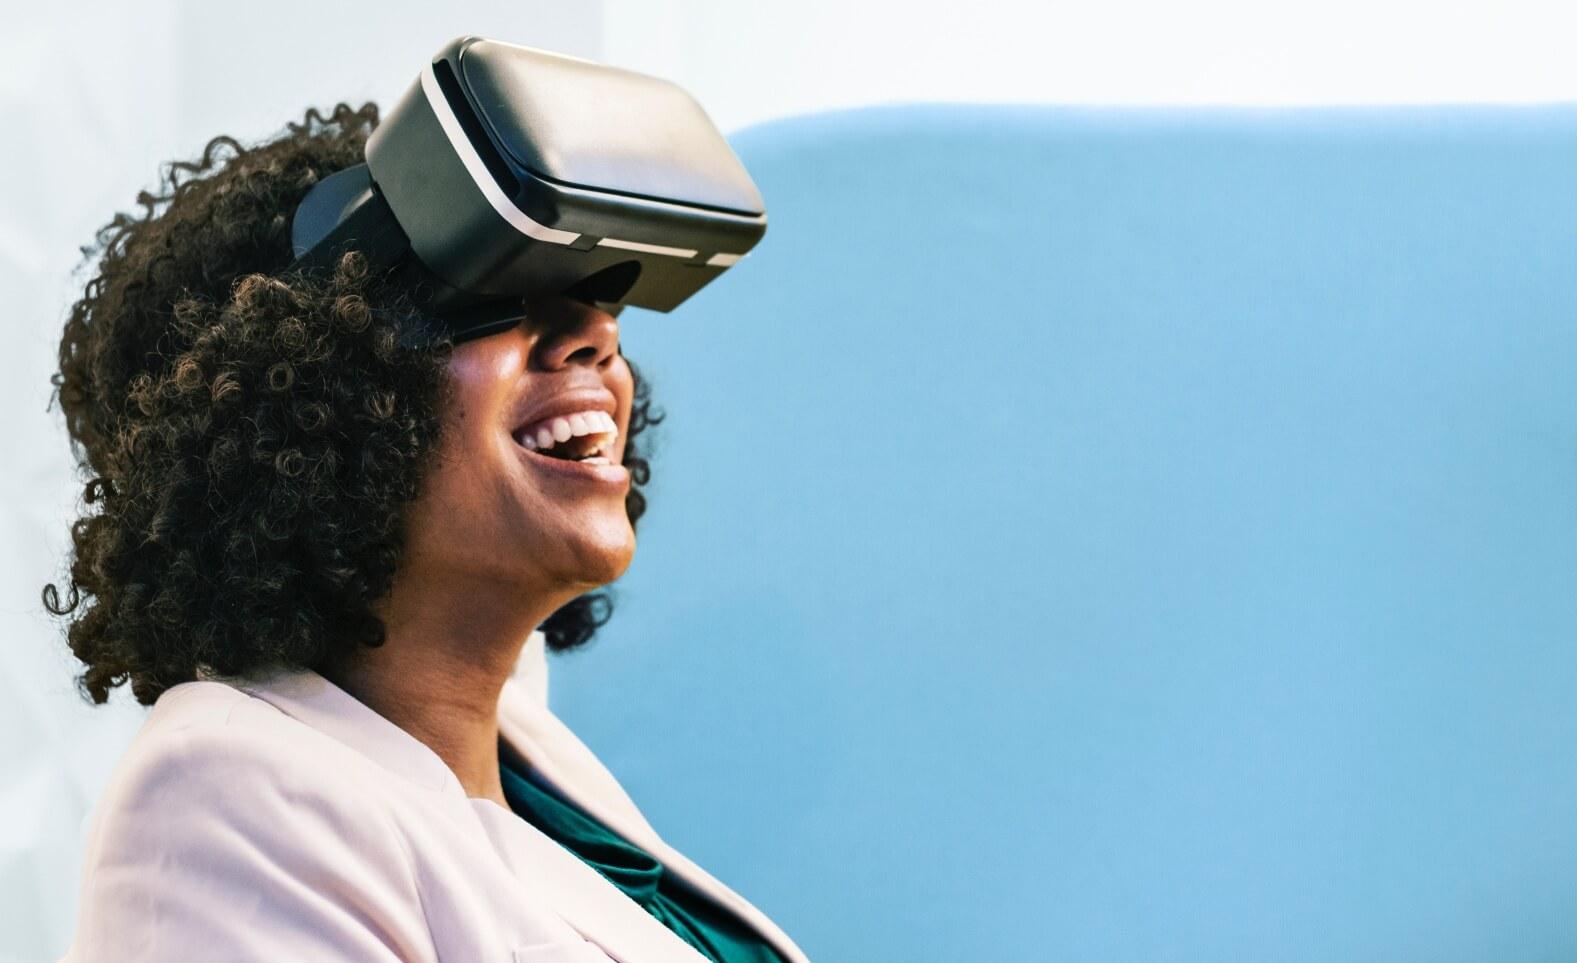 VR, Virtuelle Realität, Virtual Reality, Ernährung, Essverhalten